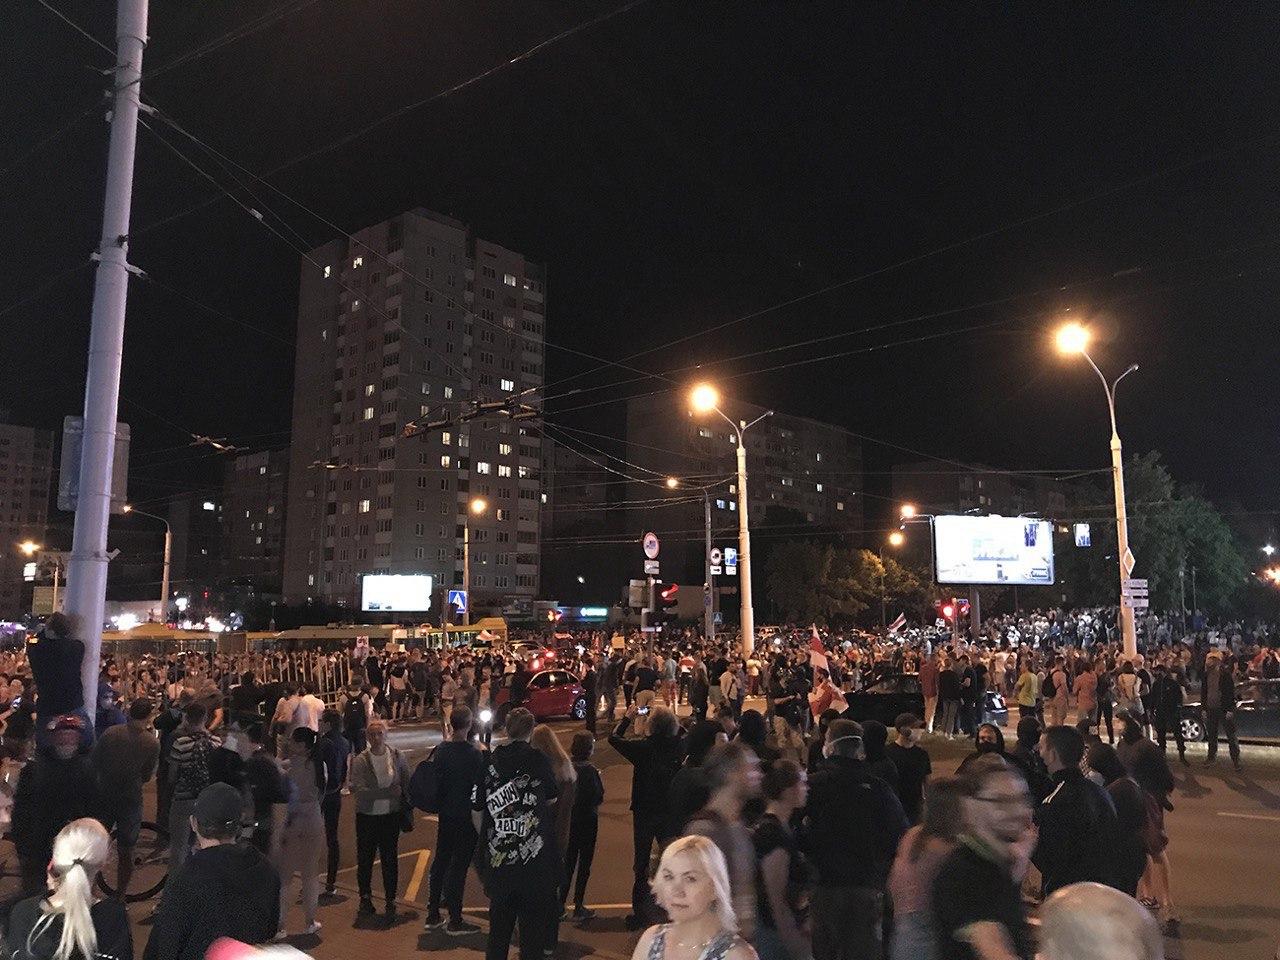 Drugi dzień protestów w Białorusi. Pierwsza ofiara, wezwanie do strajku.